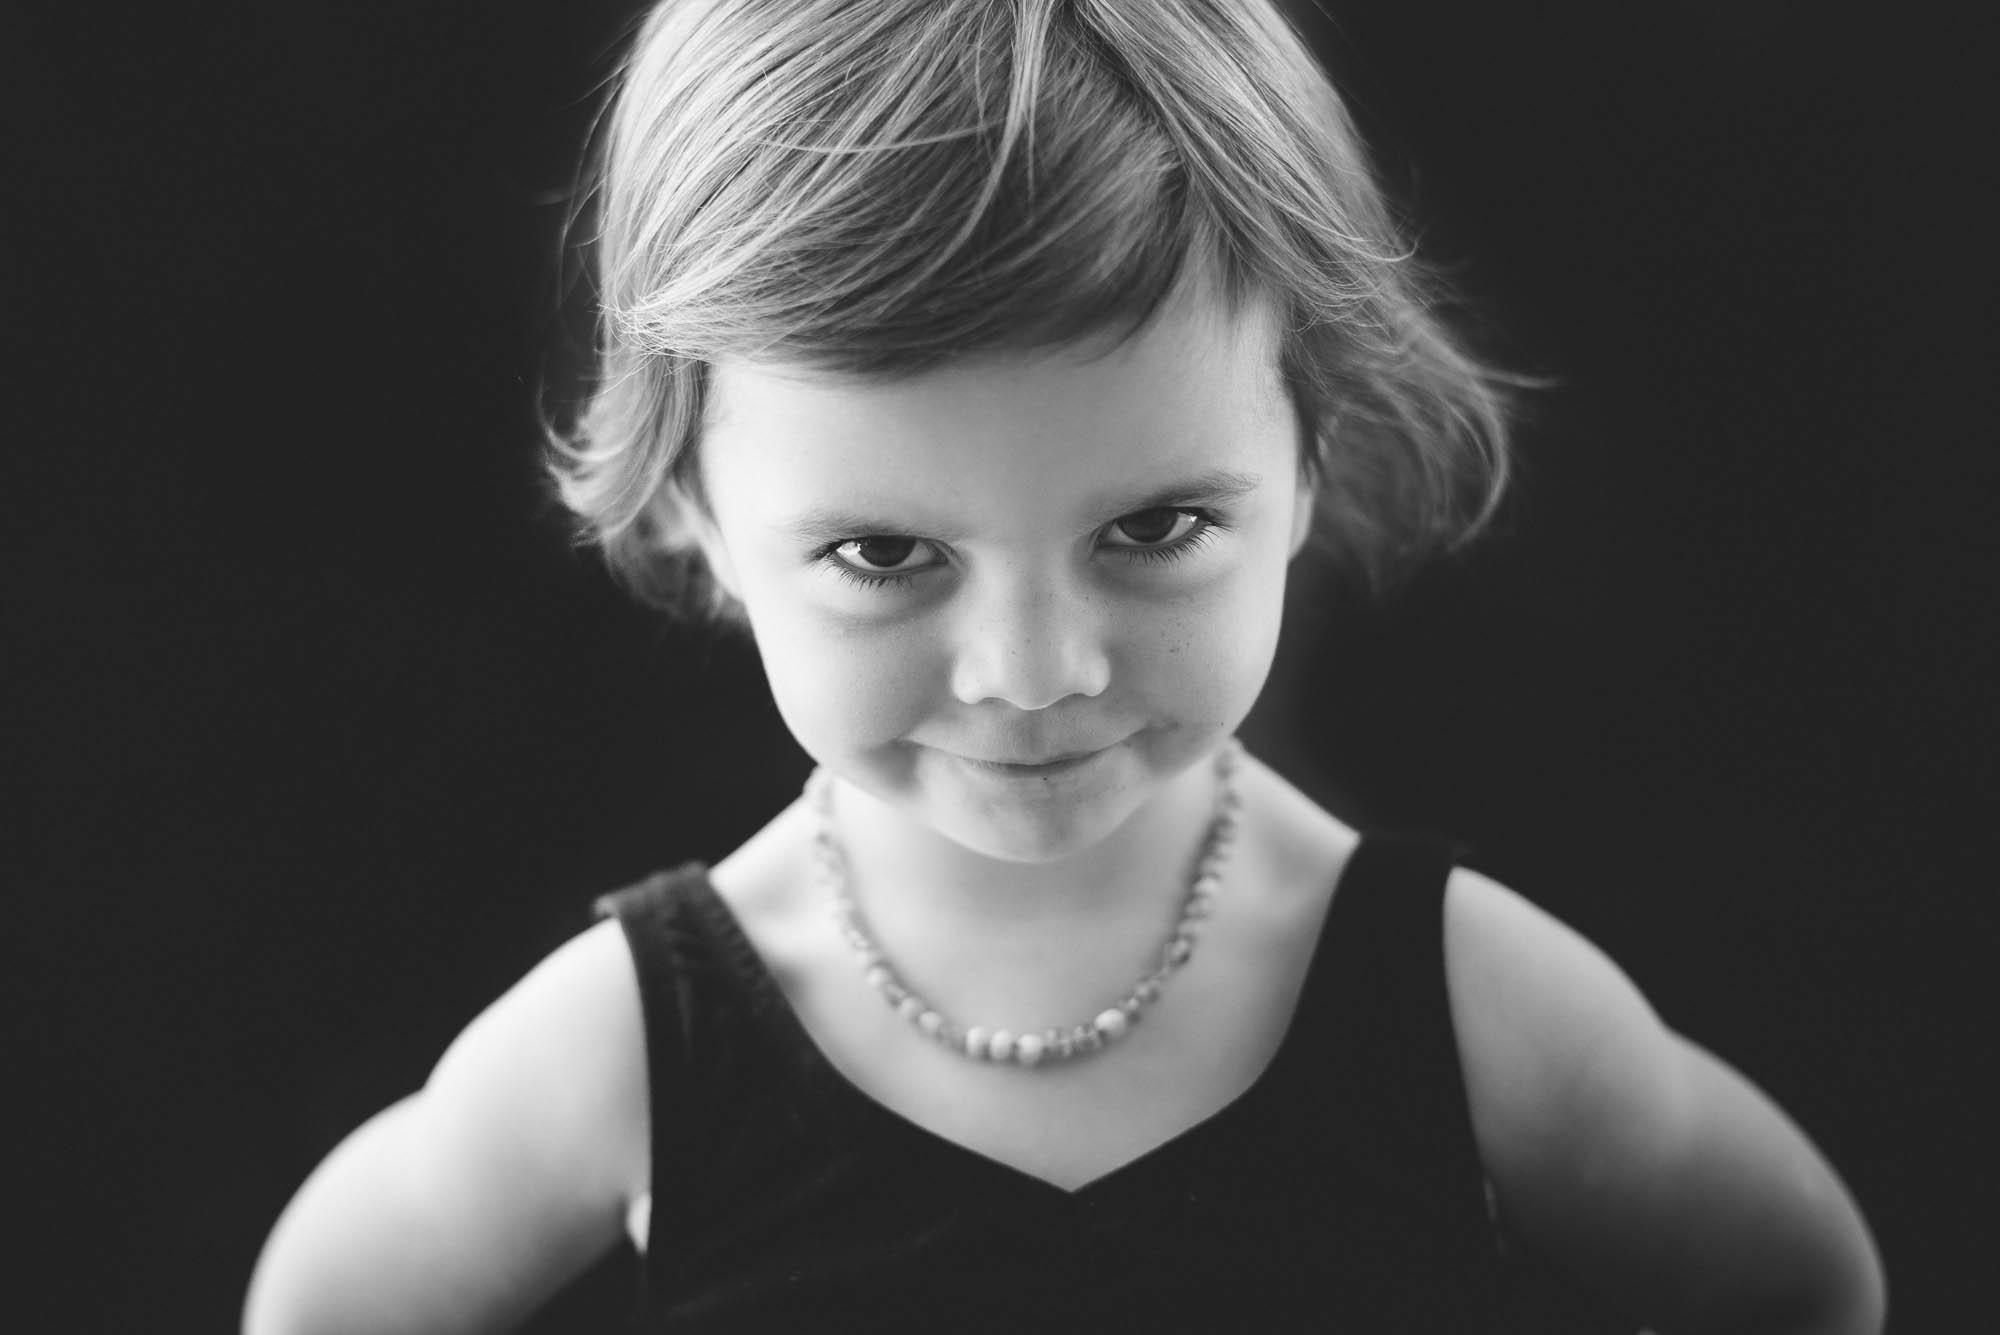 melbourne_family_photographer_childhood_portraits_girl.jpg